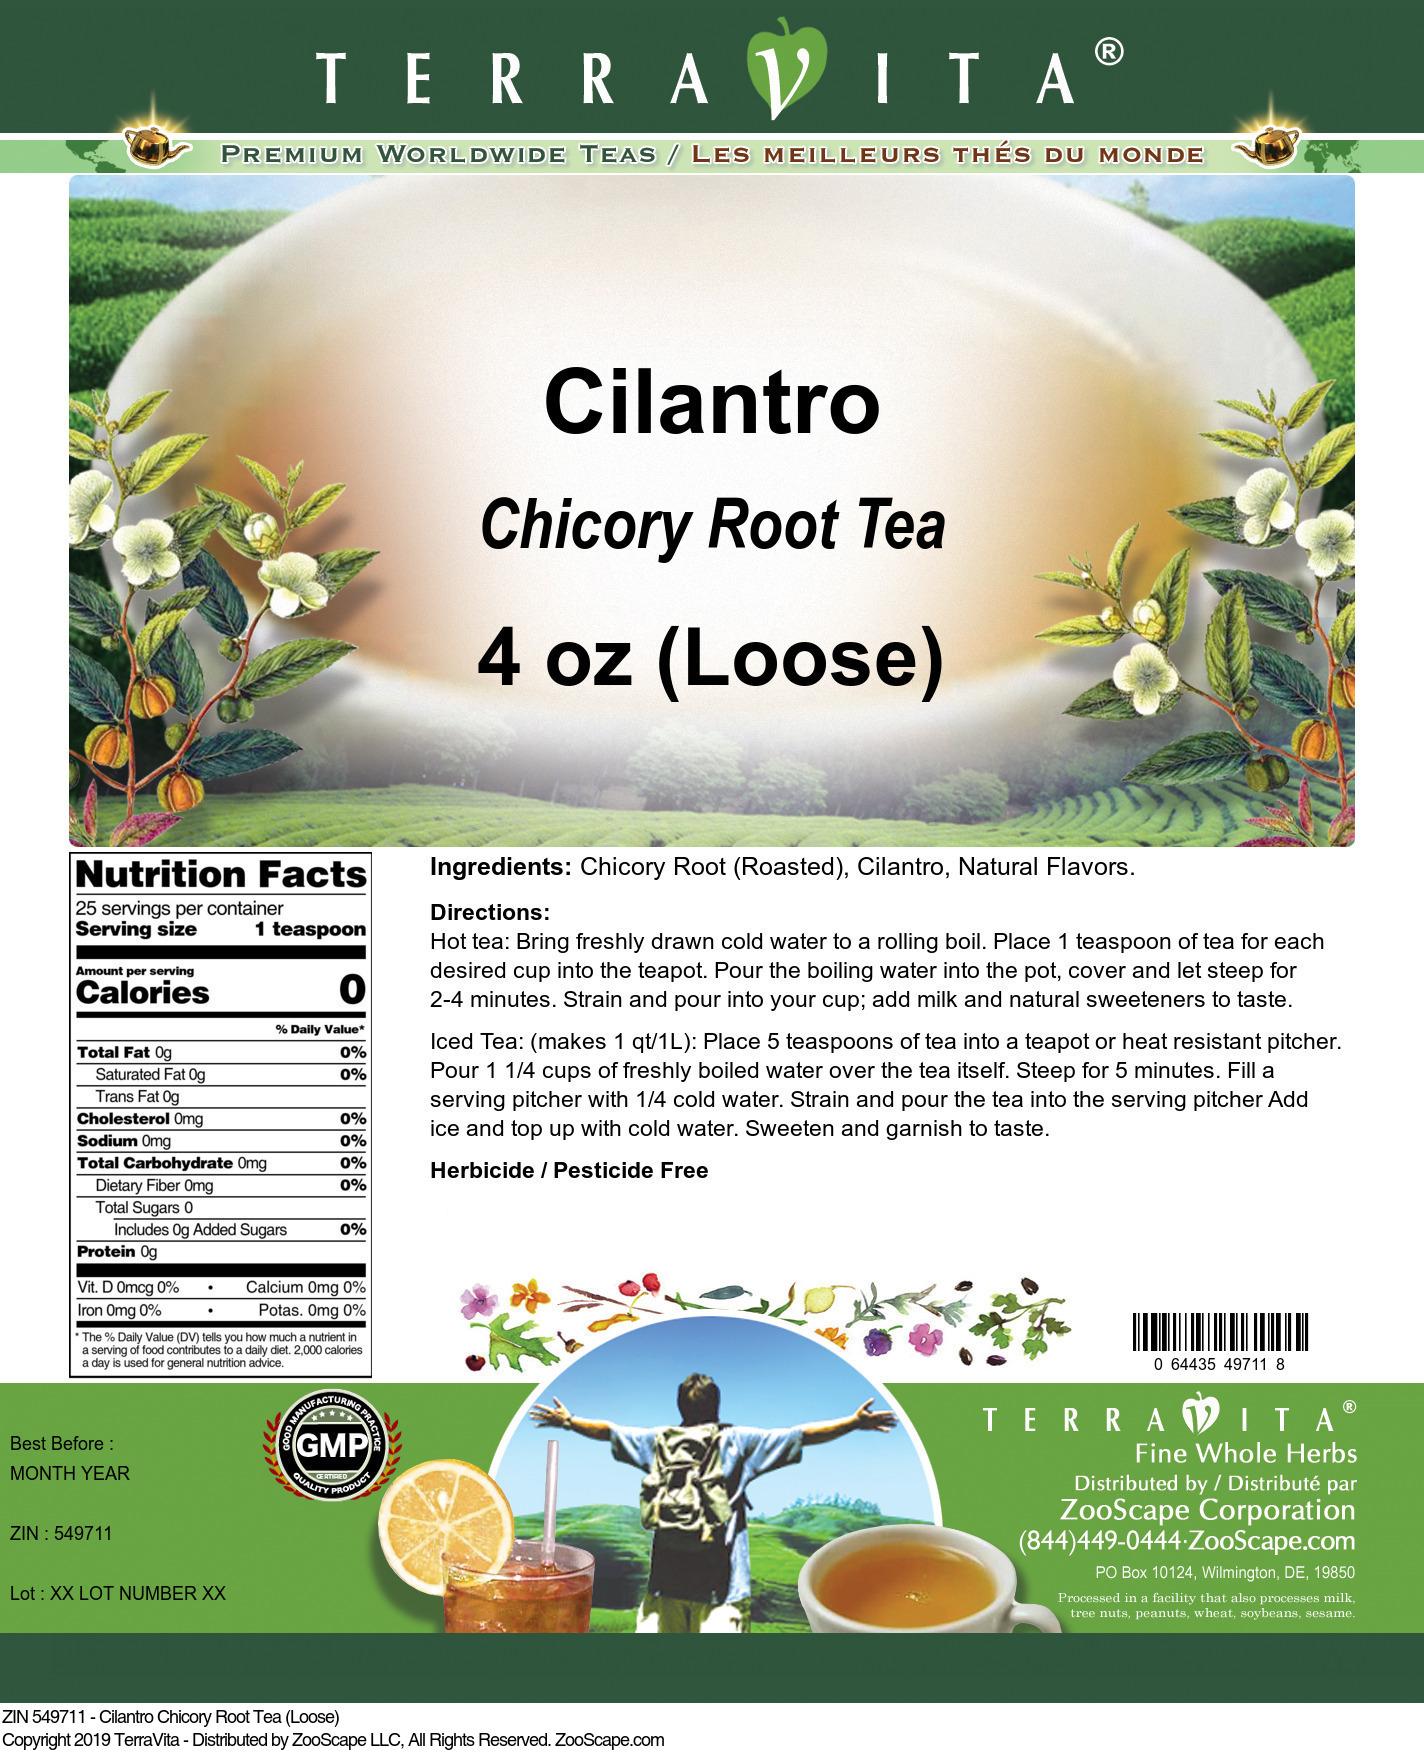 Cilantro Chicory Root